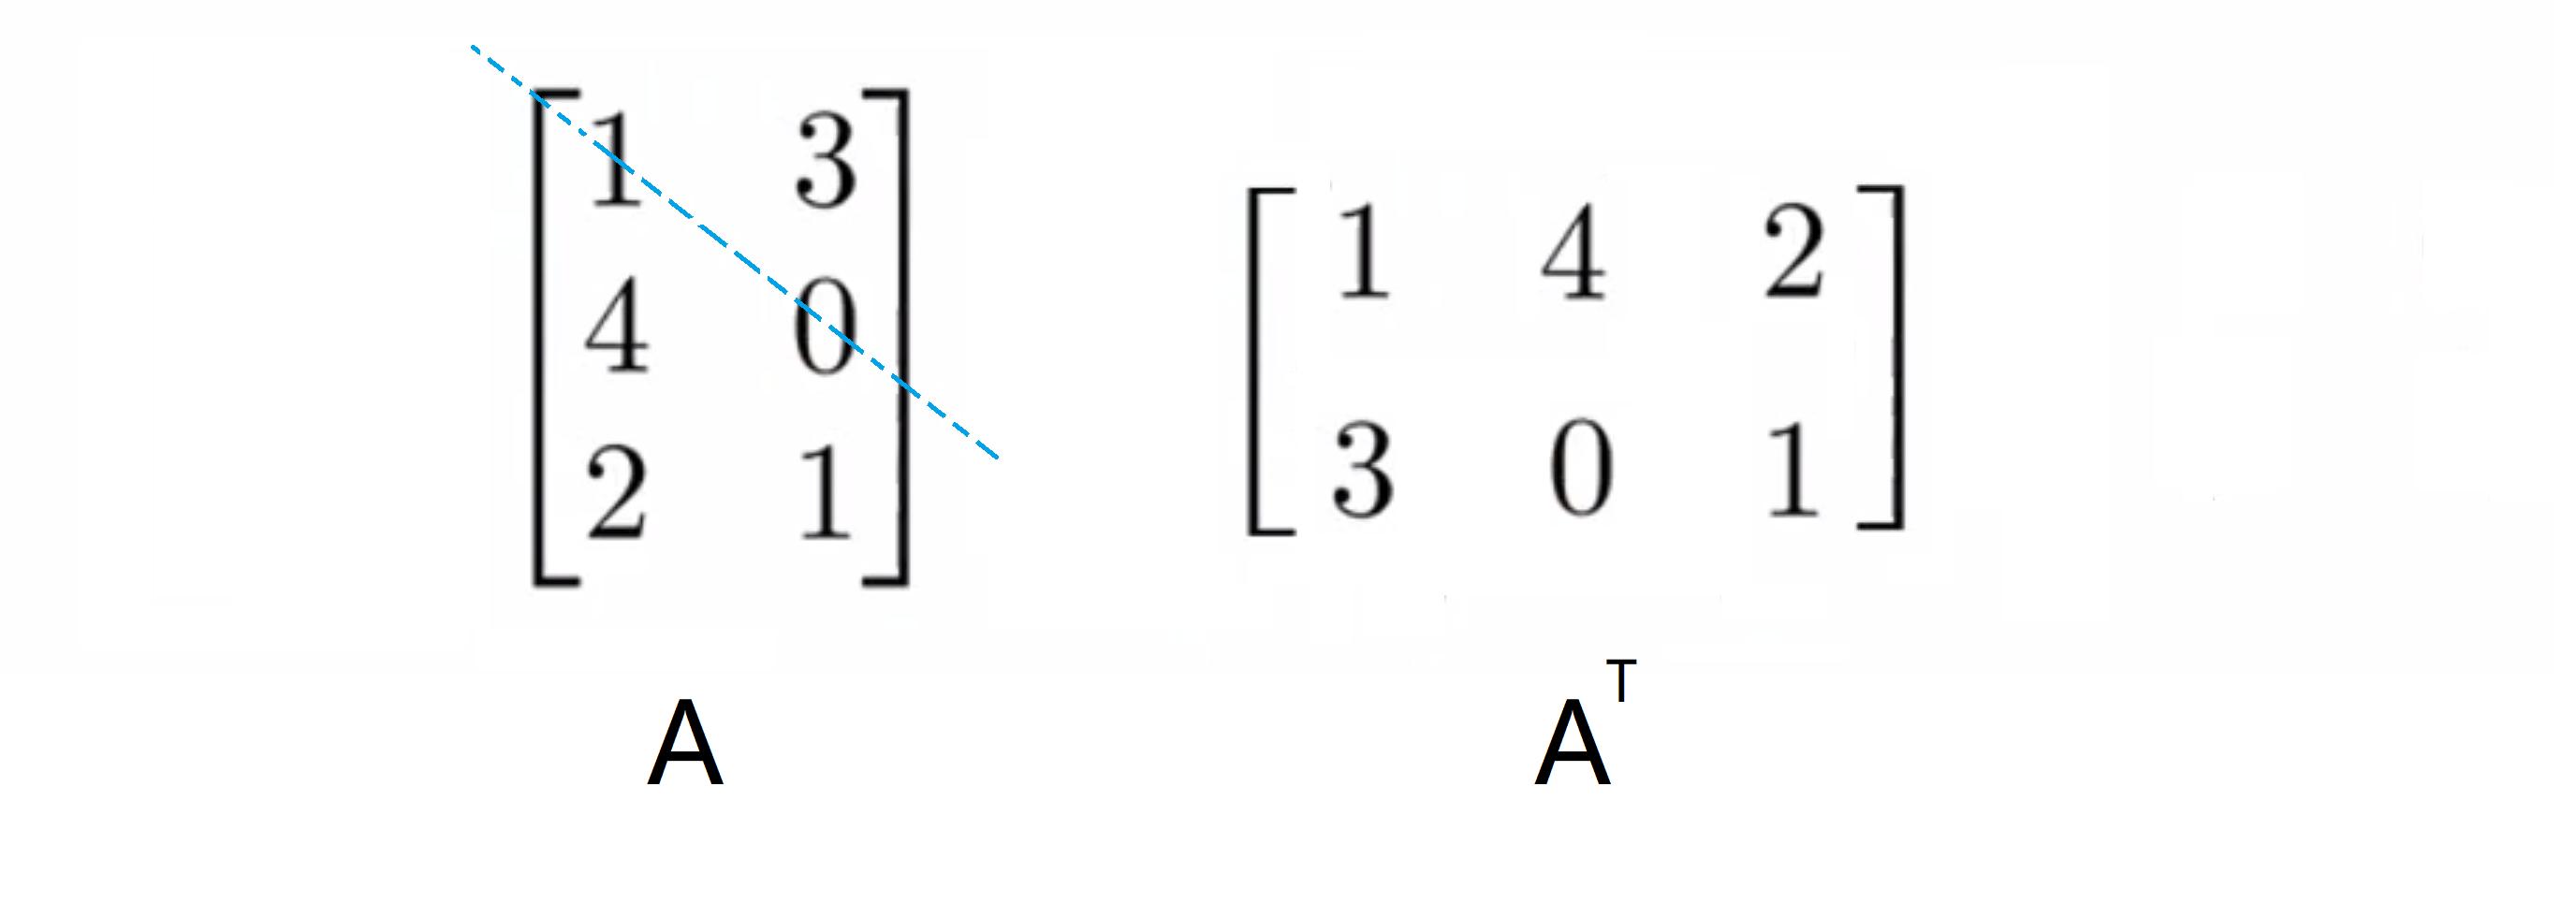 L13.png